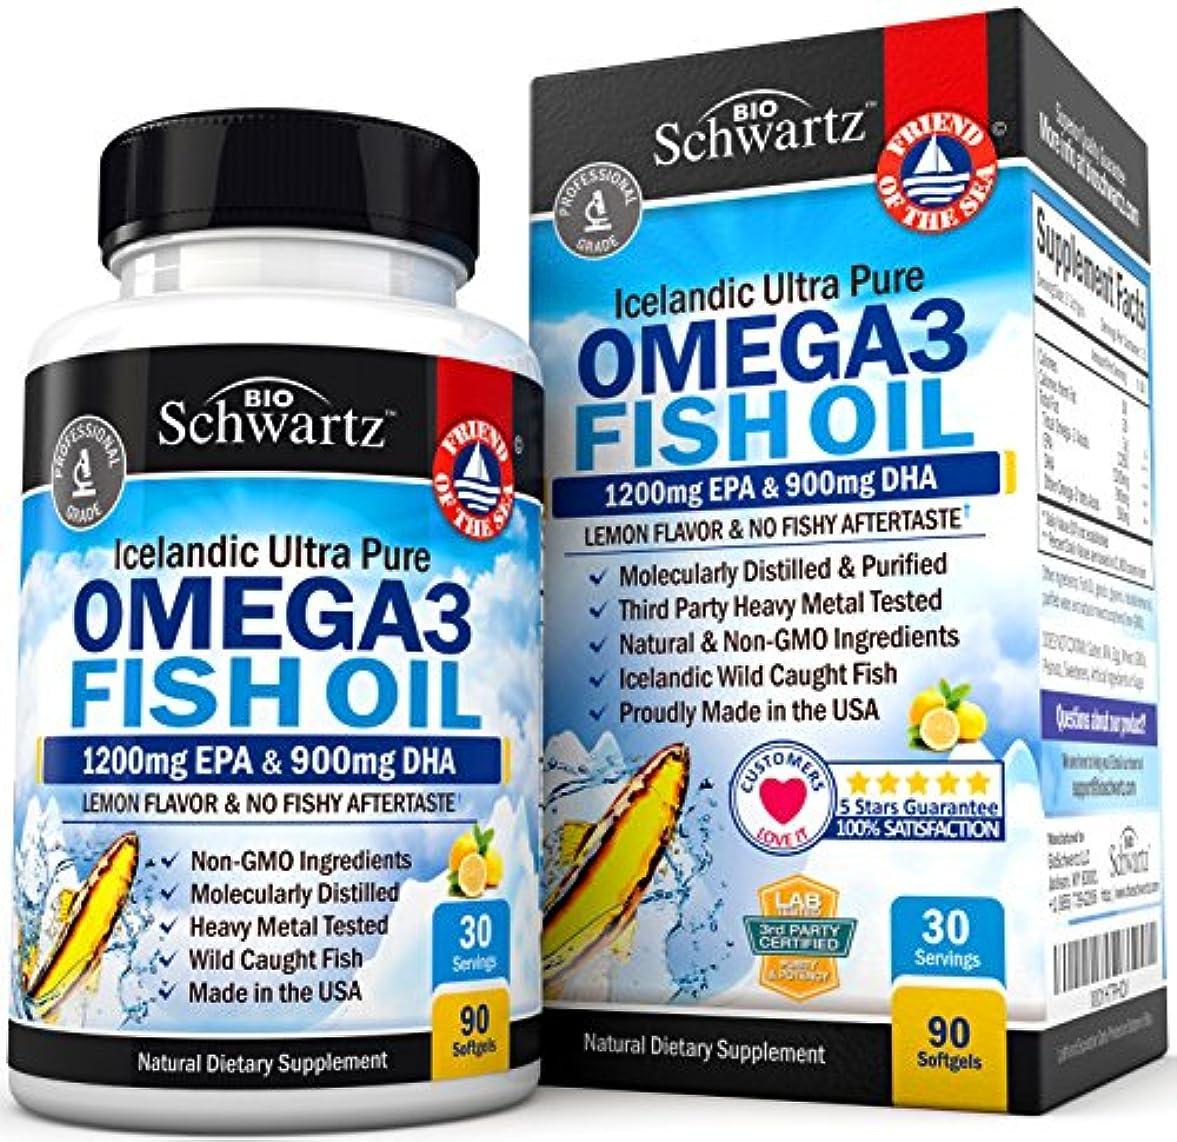 生きている虚偽悲鳴BioSchwartz Omega 3 Fish Oil Supplement with 1200mg EPA, 900mg DHA 90粒